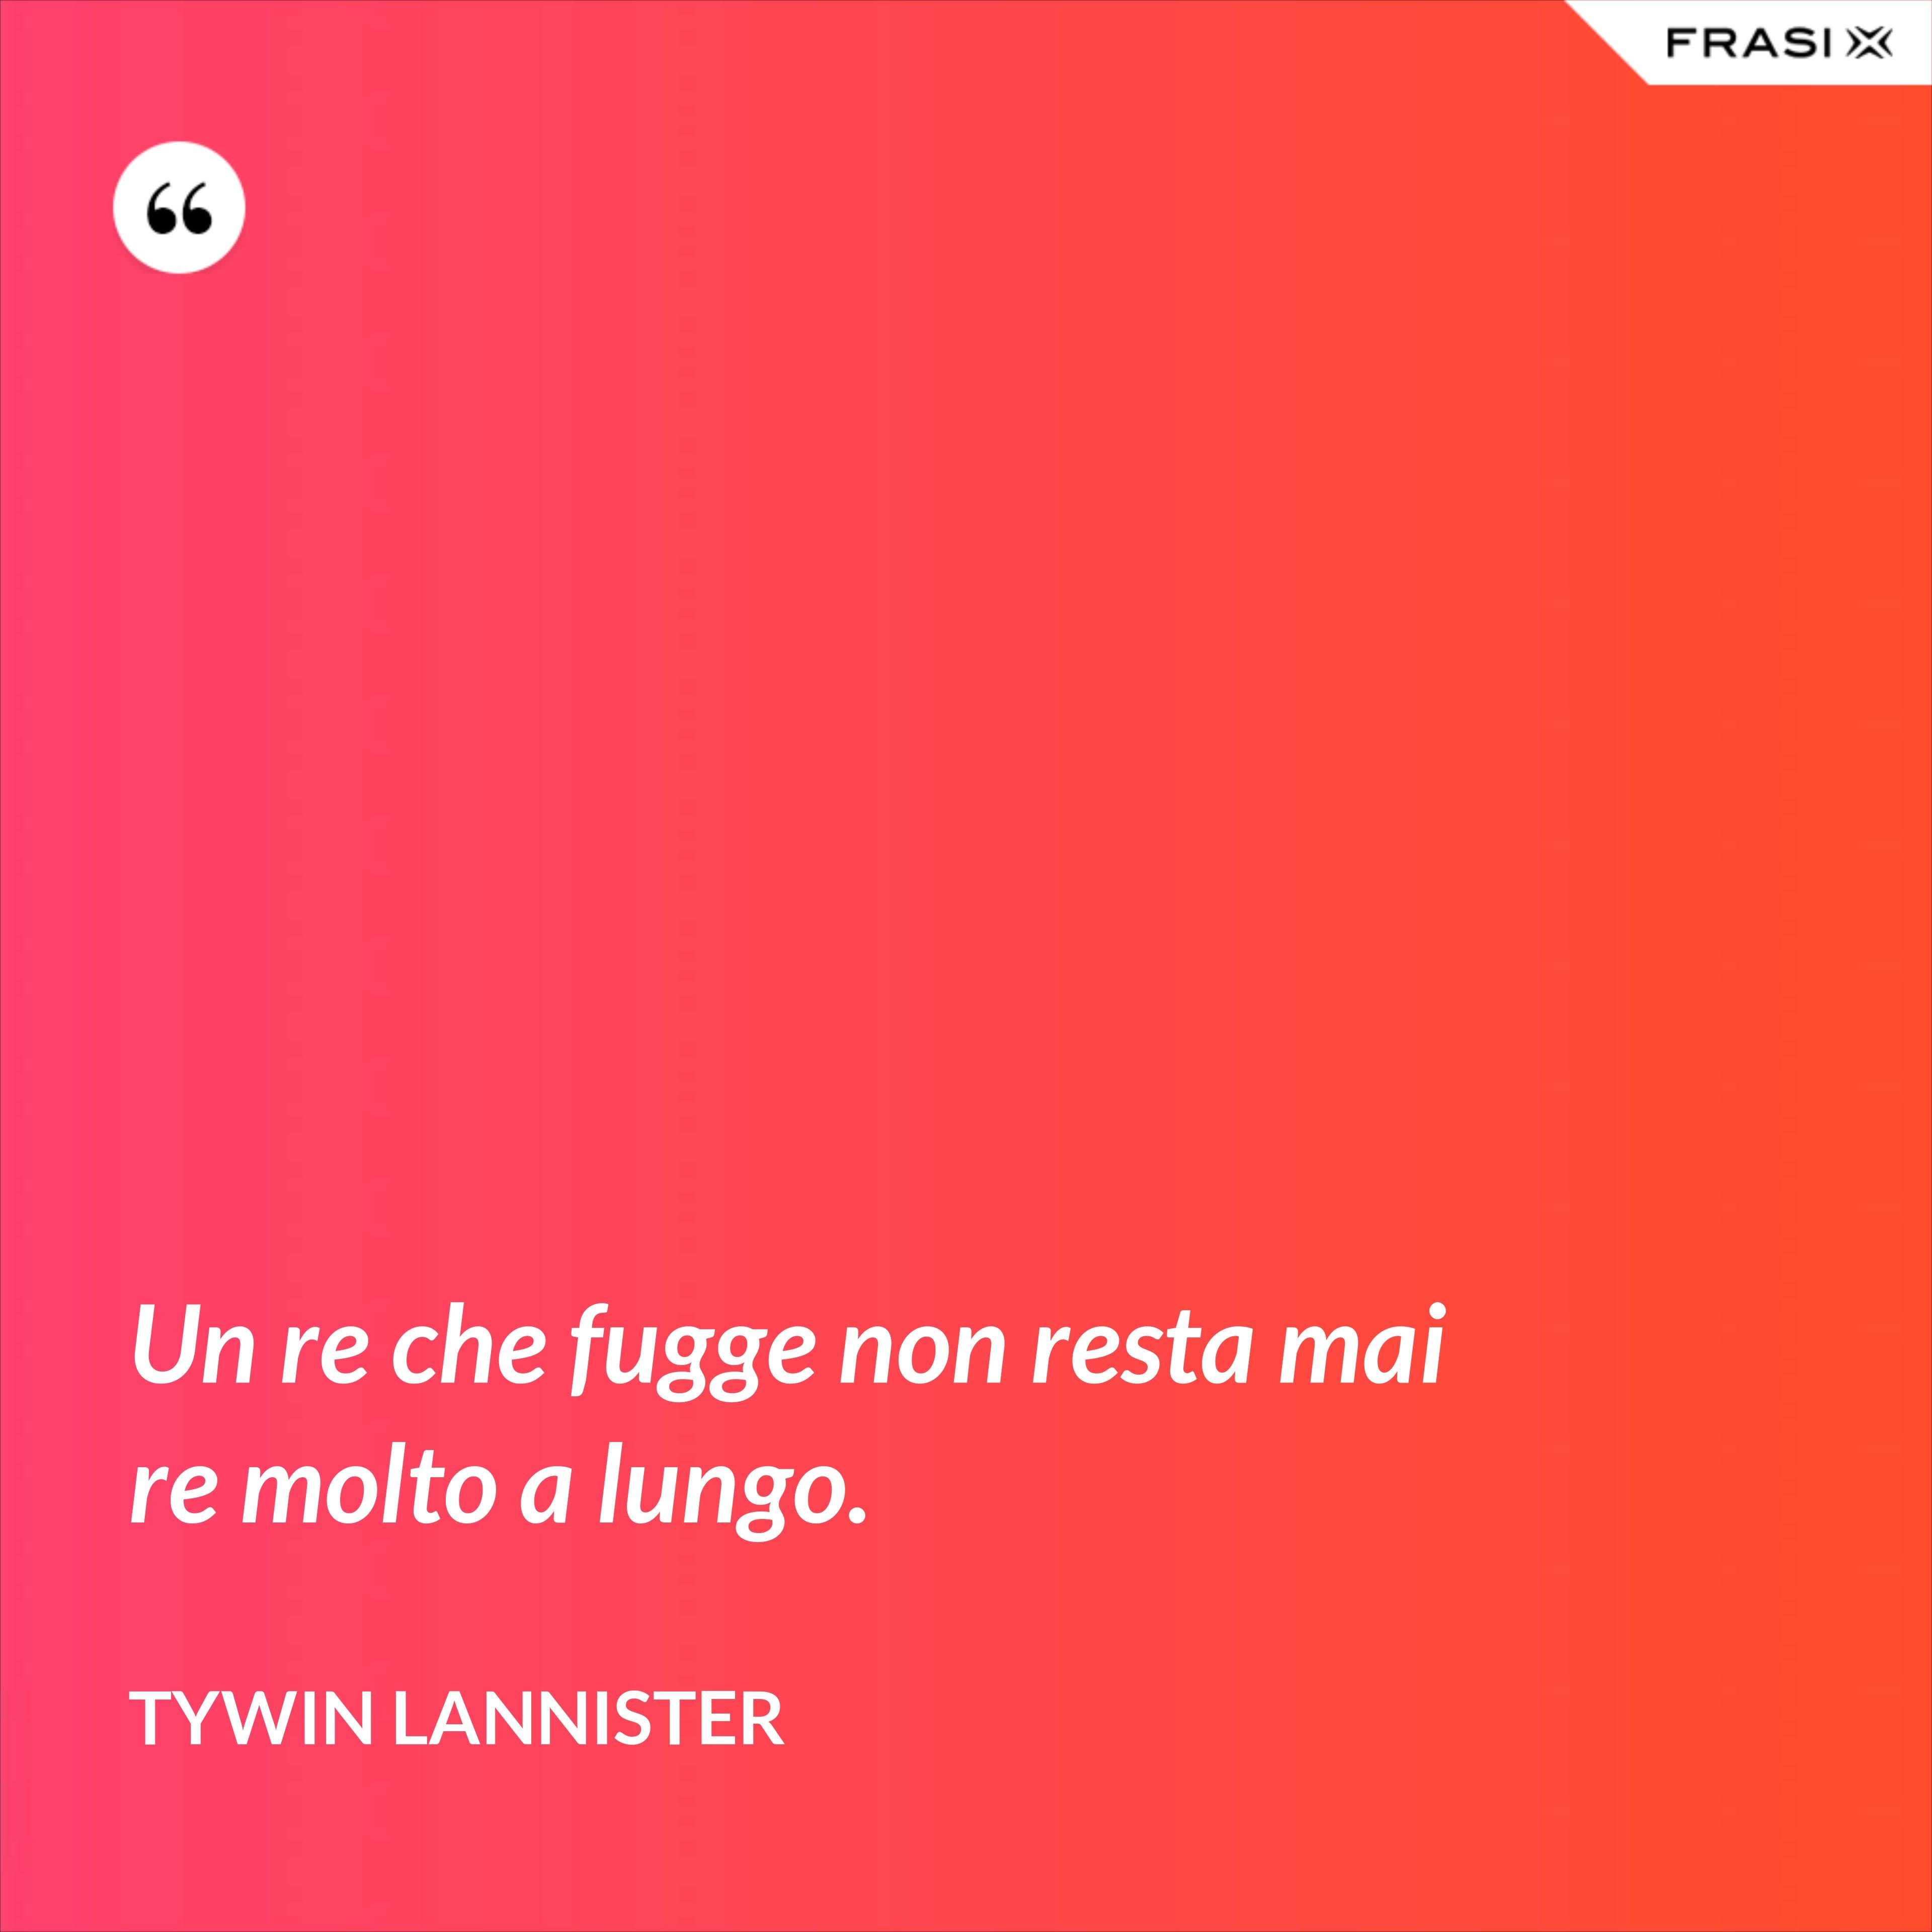 Un re che fugge non resta mai re molto a lungo. - Tywin Lannister